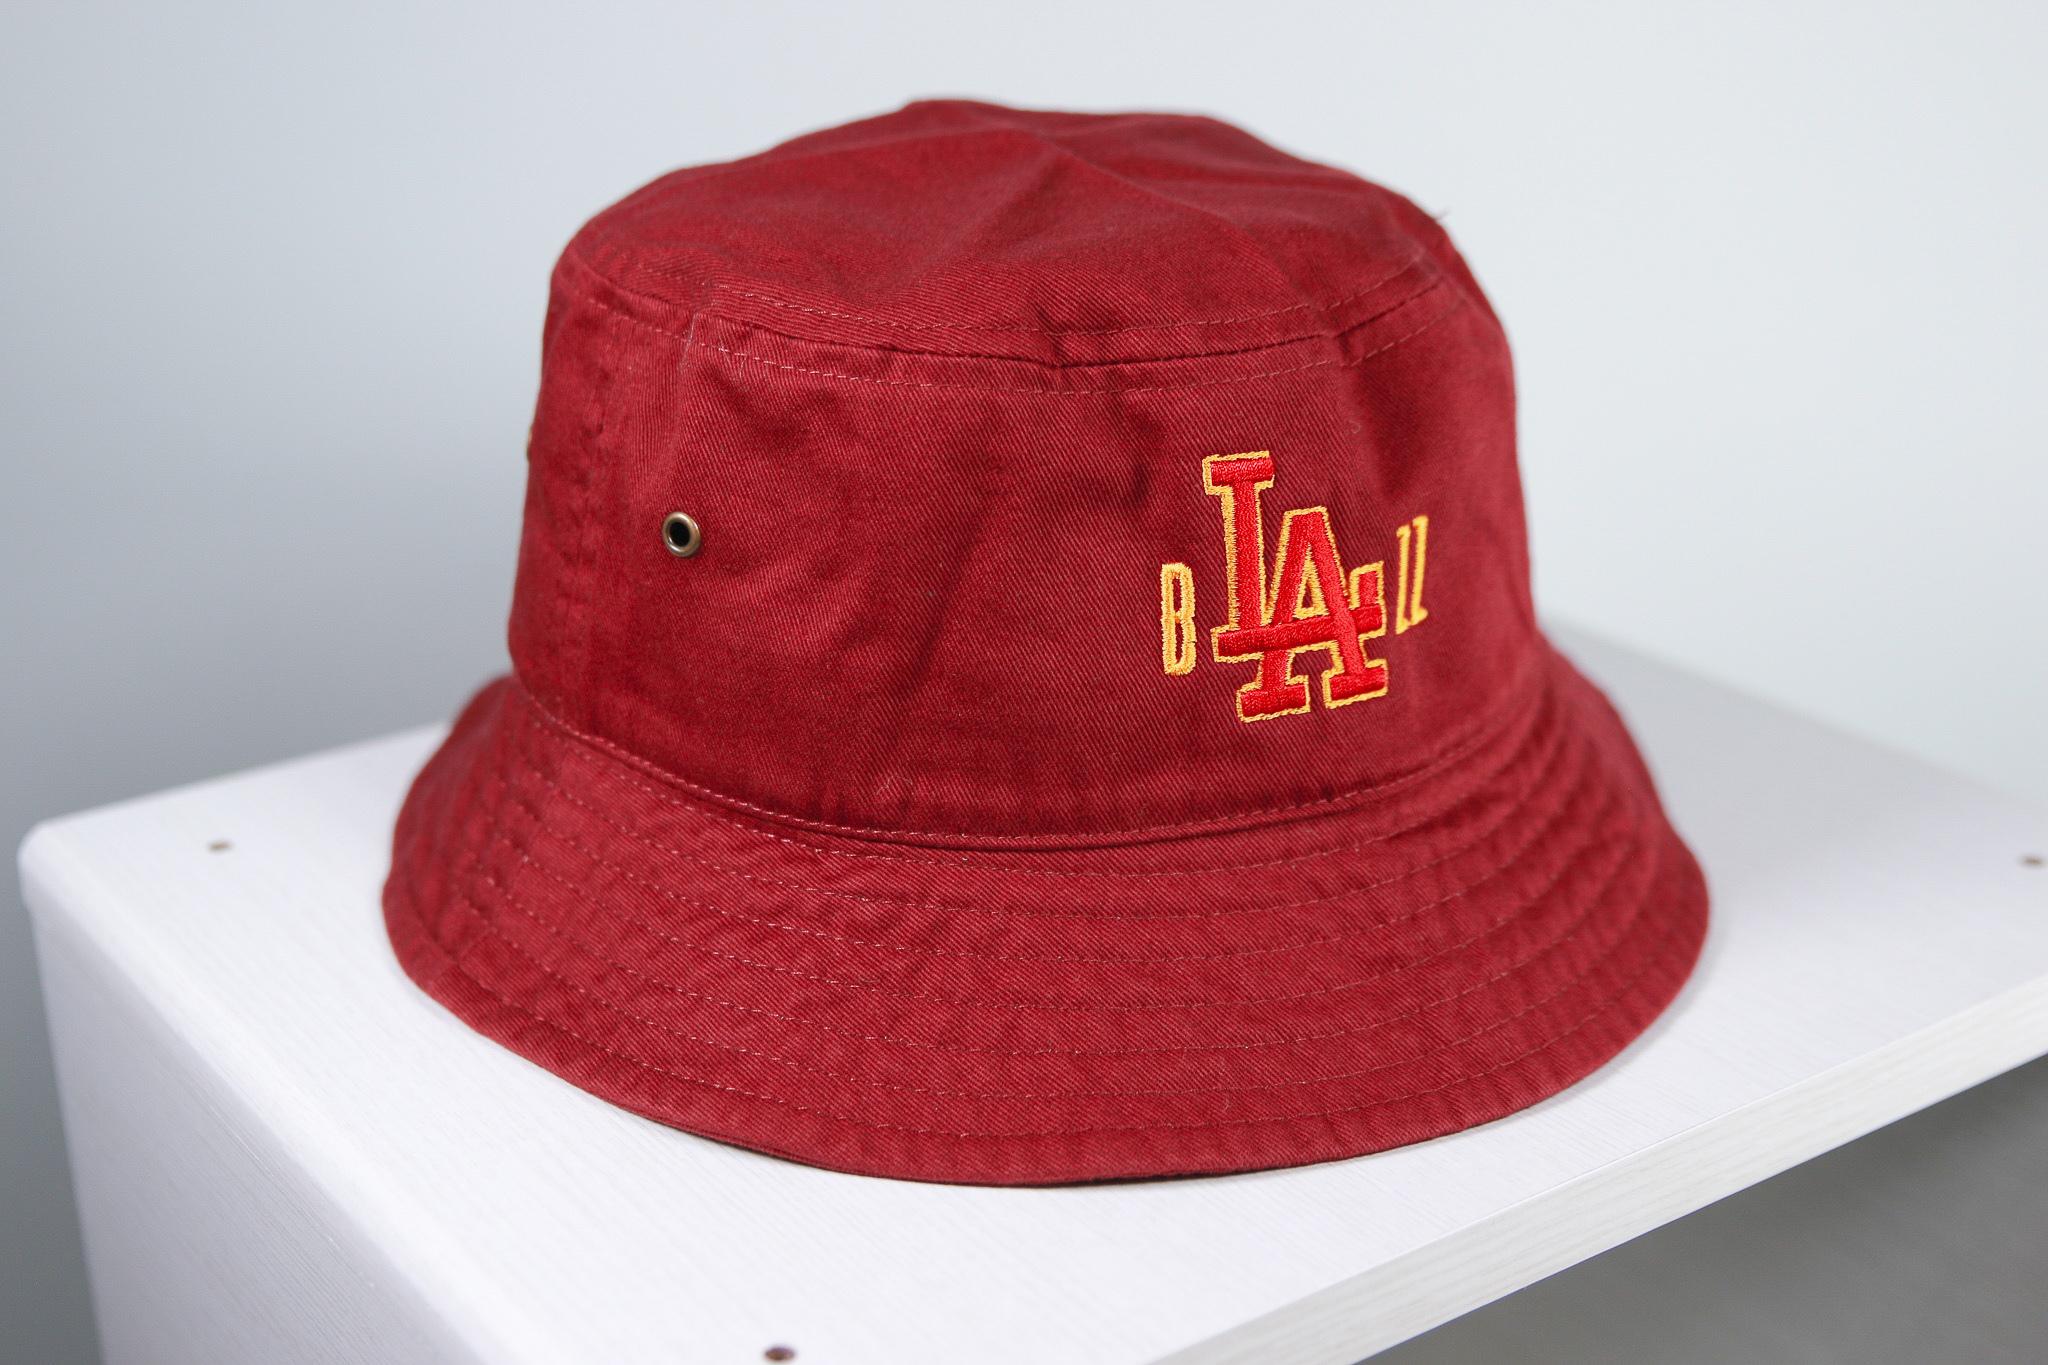 b'LA'zz Bucket HAT [WINE]